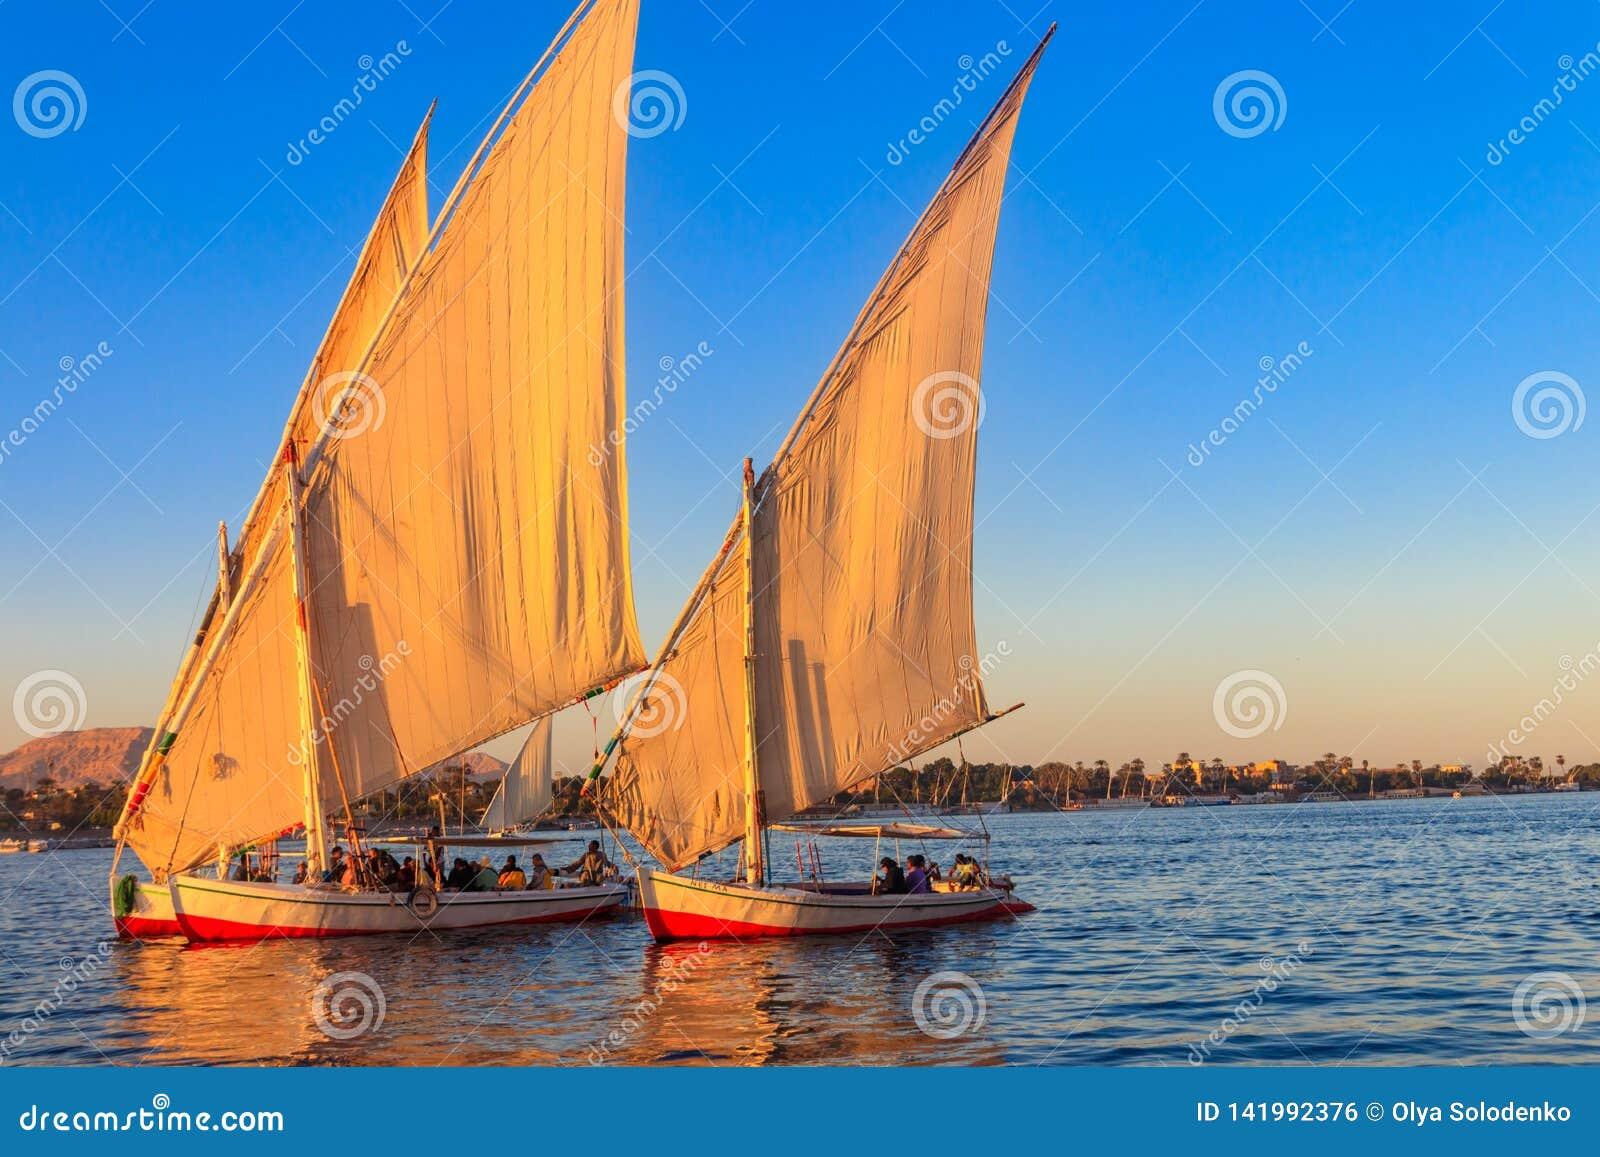 Felucca fartygsegling på Nilet River i Luxor, Egypten Traditionella egyptiska segelbåtar